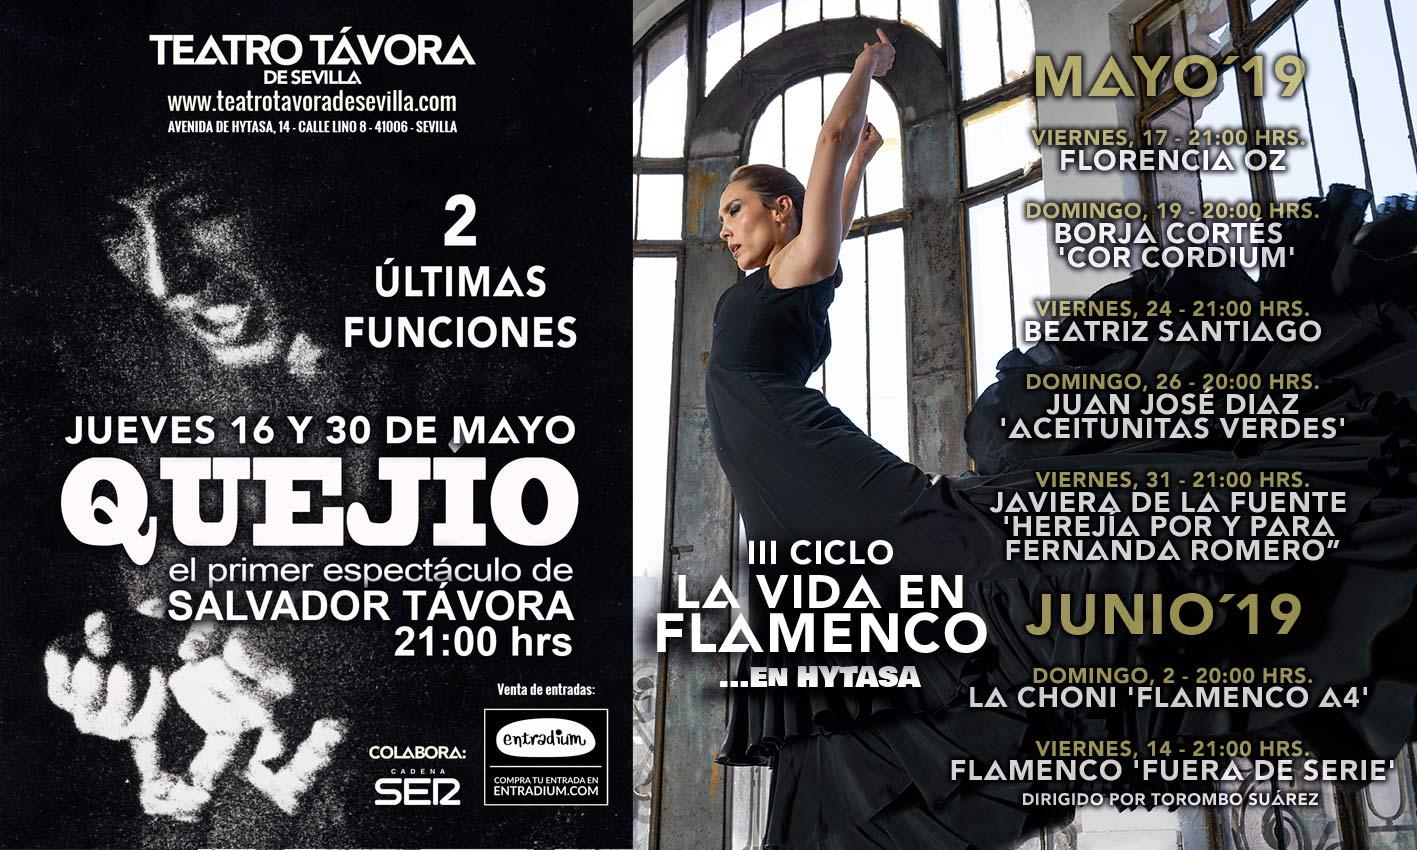 Programación Teatro Távora de Sevilla